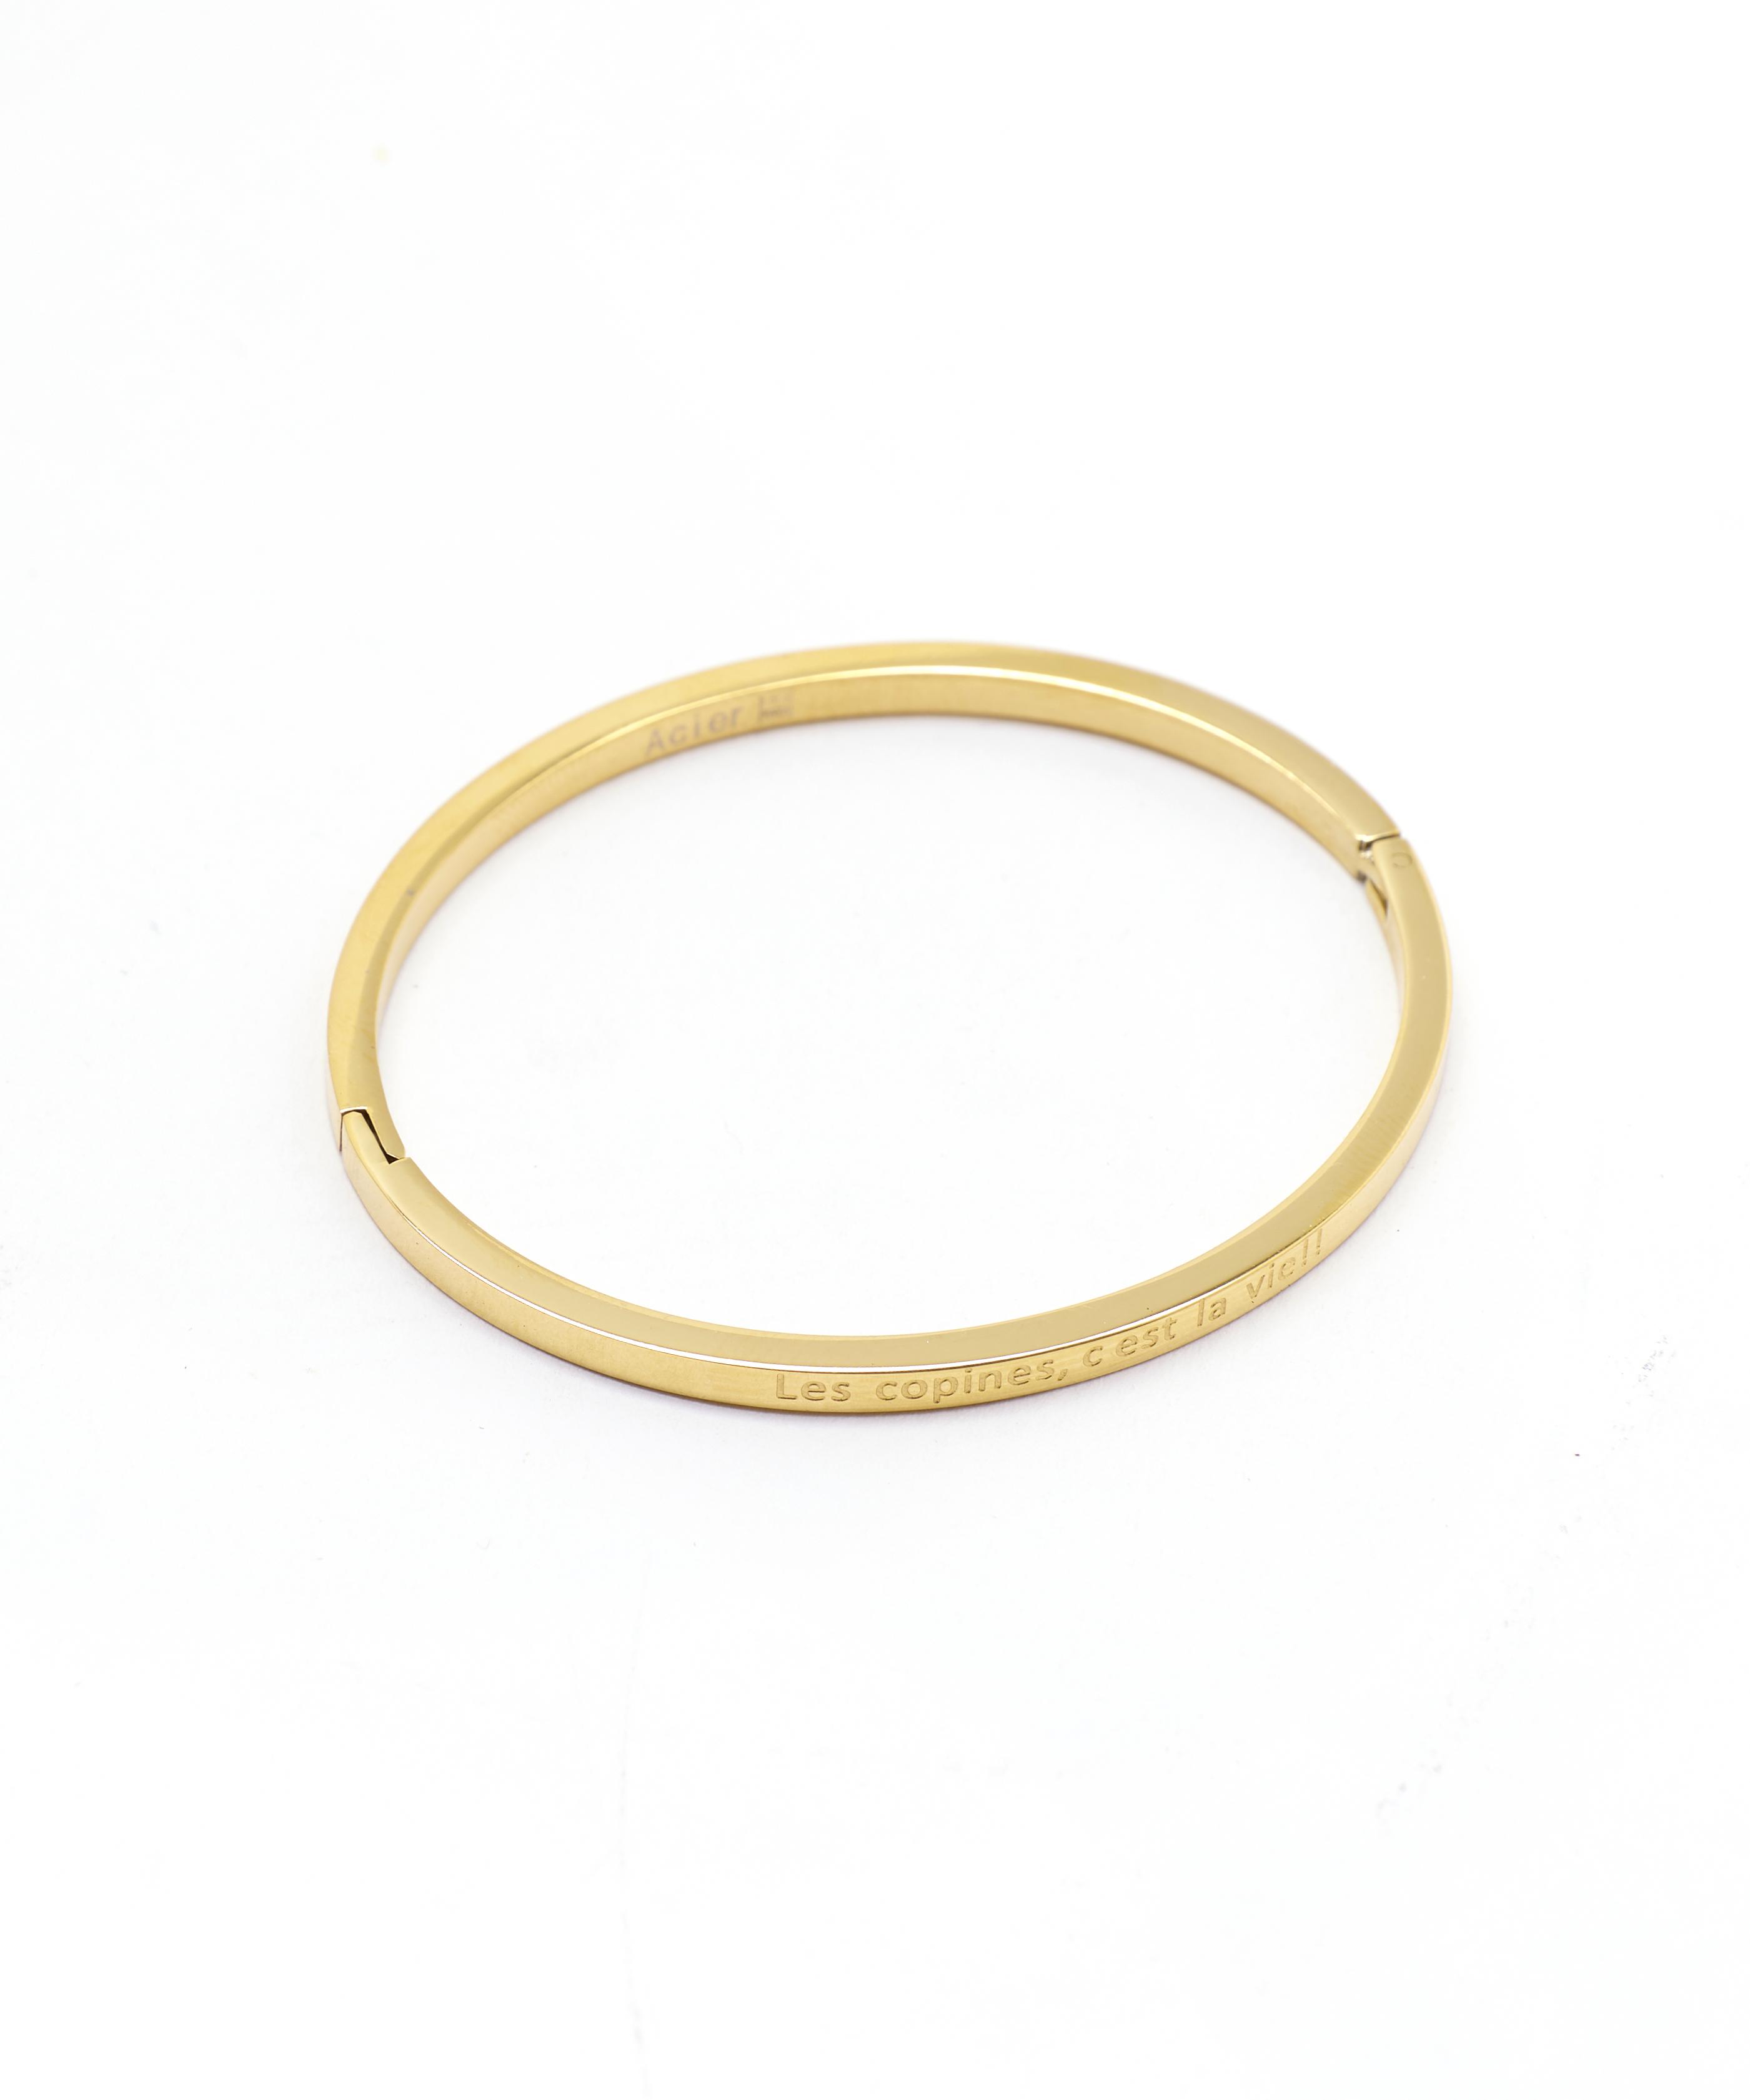 Bijoux Fille - Bracelet Or Jina - 35387